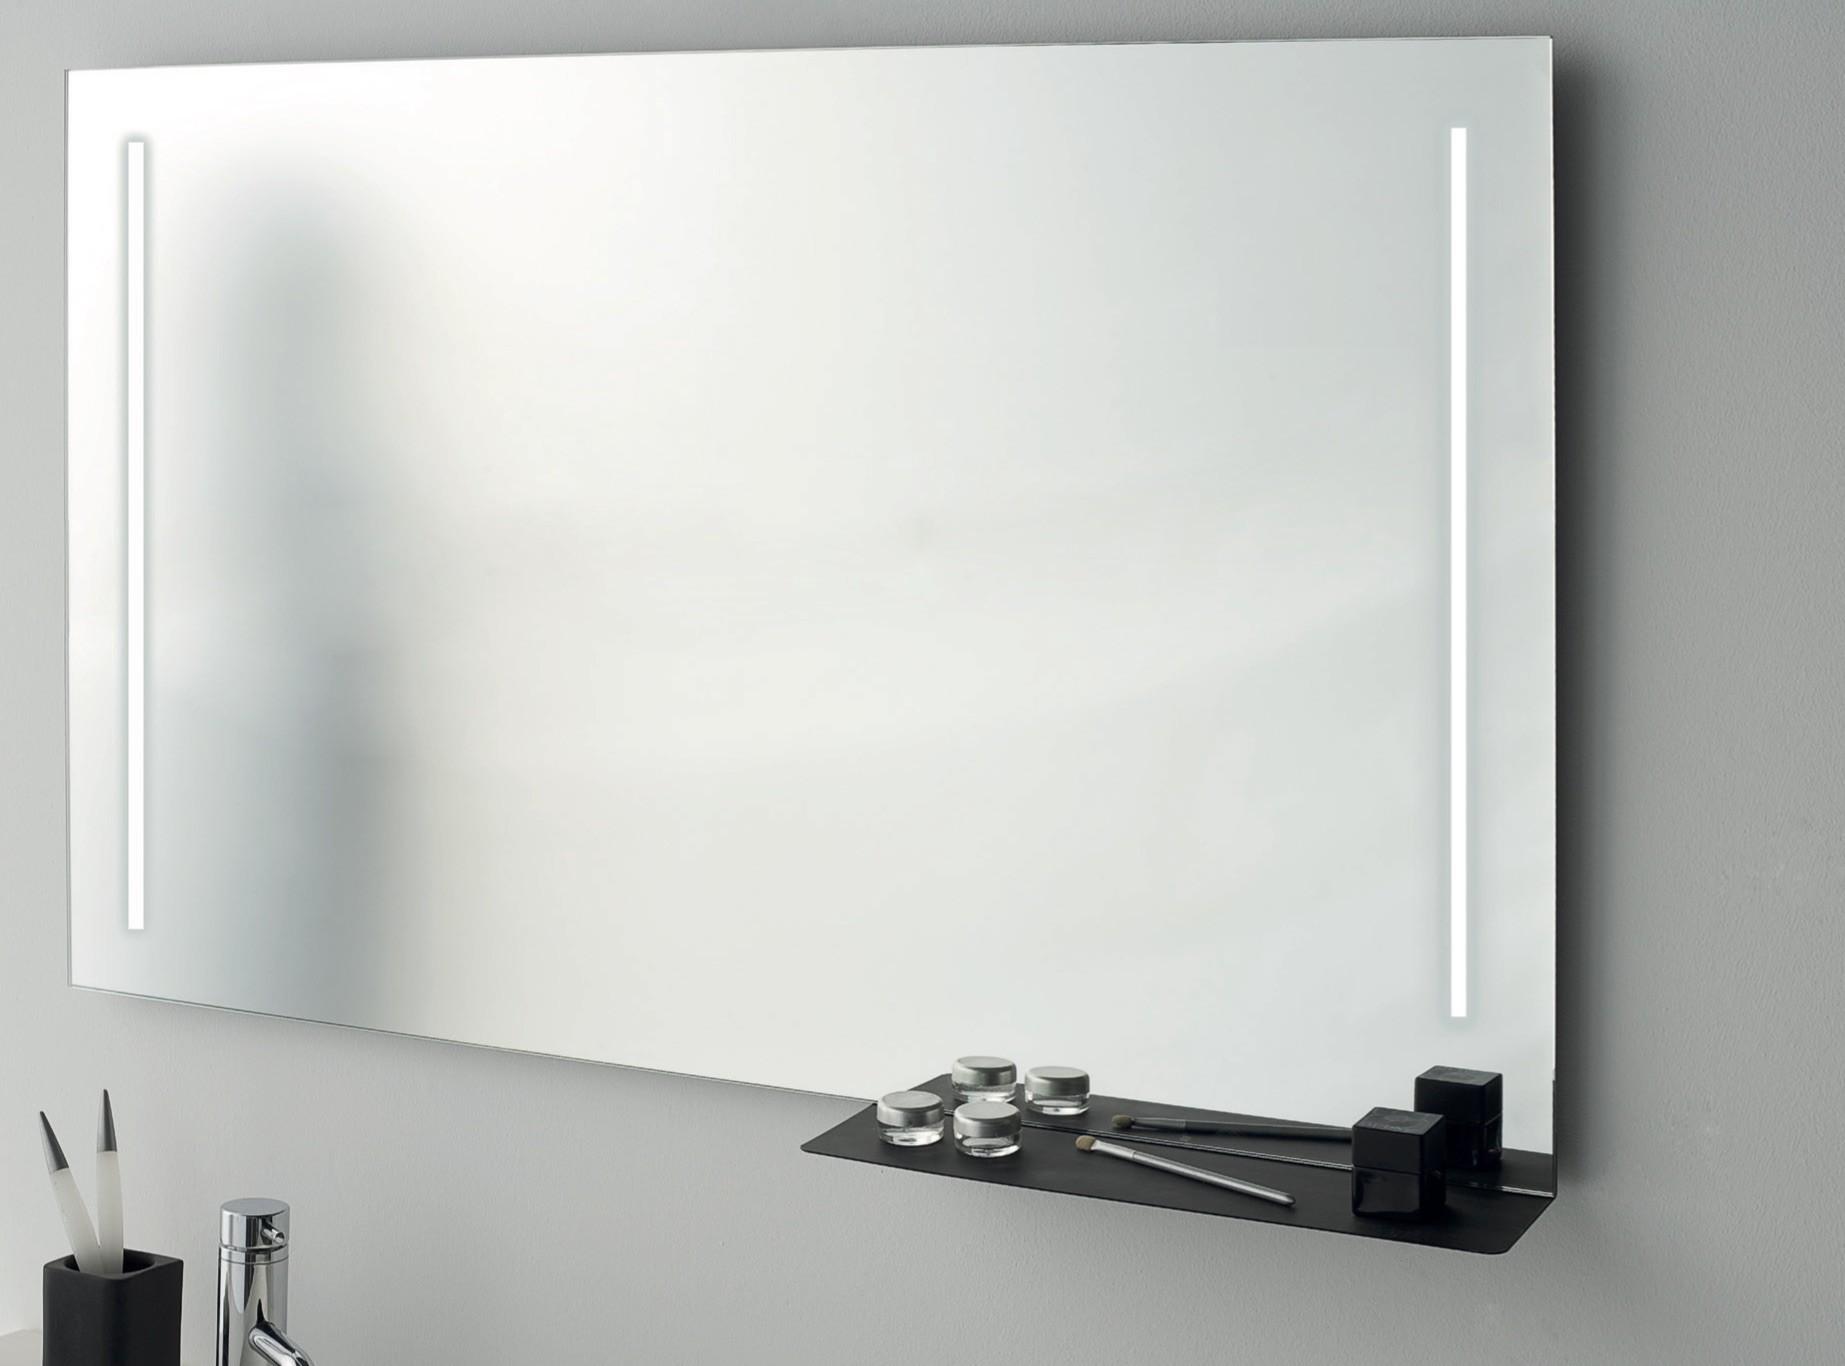 Espejos vidrosvazquez for Espejos para banos con luz incorporada